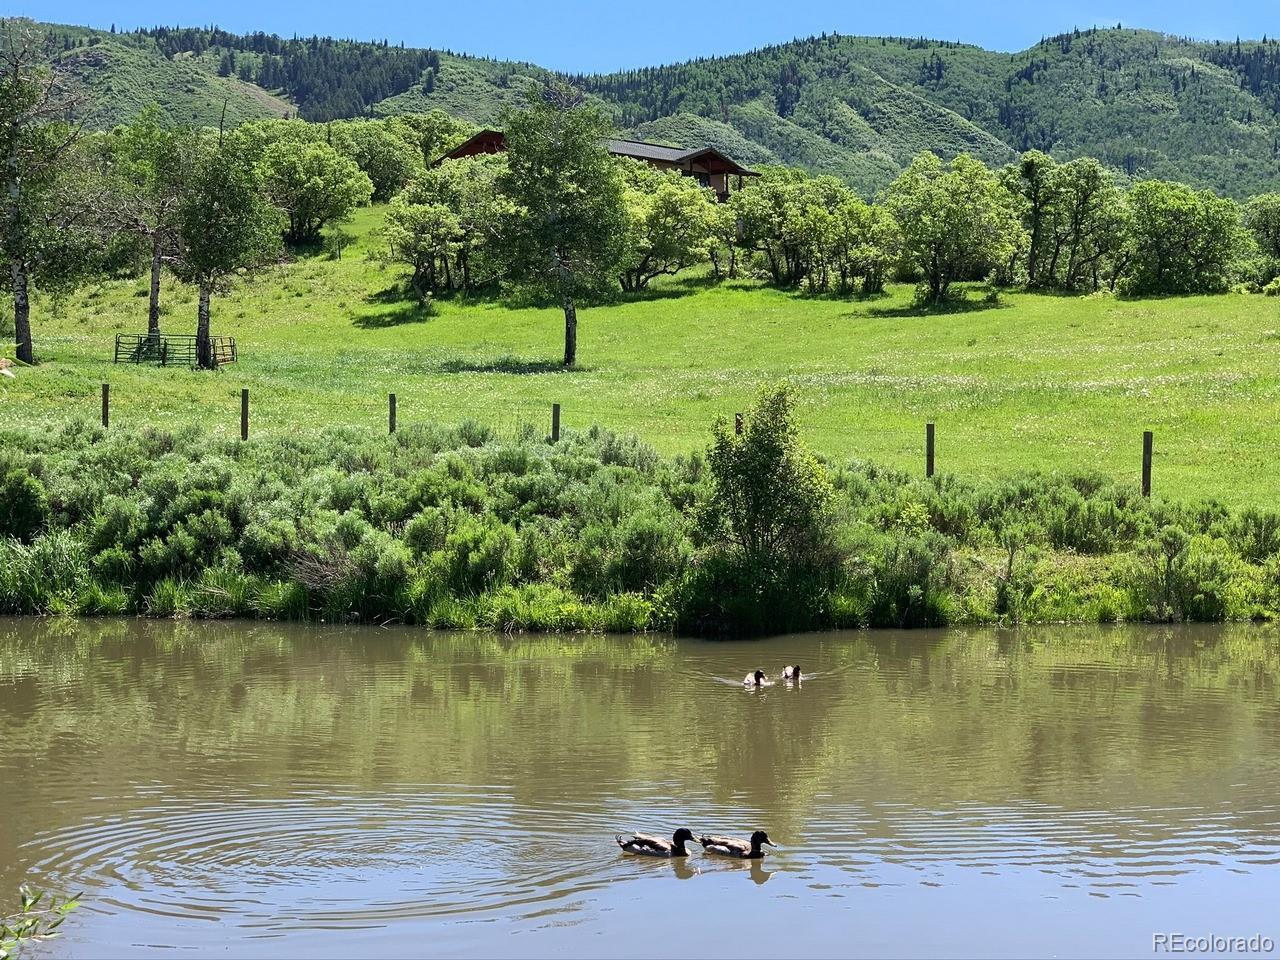 MLS# 4125204 - 12 - 32820 S Elk Drive, Steamboat Springs, CO 80487